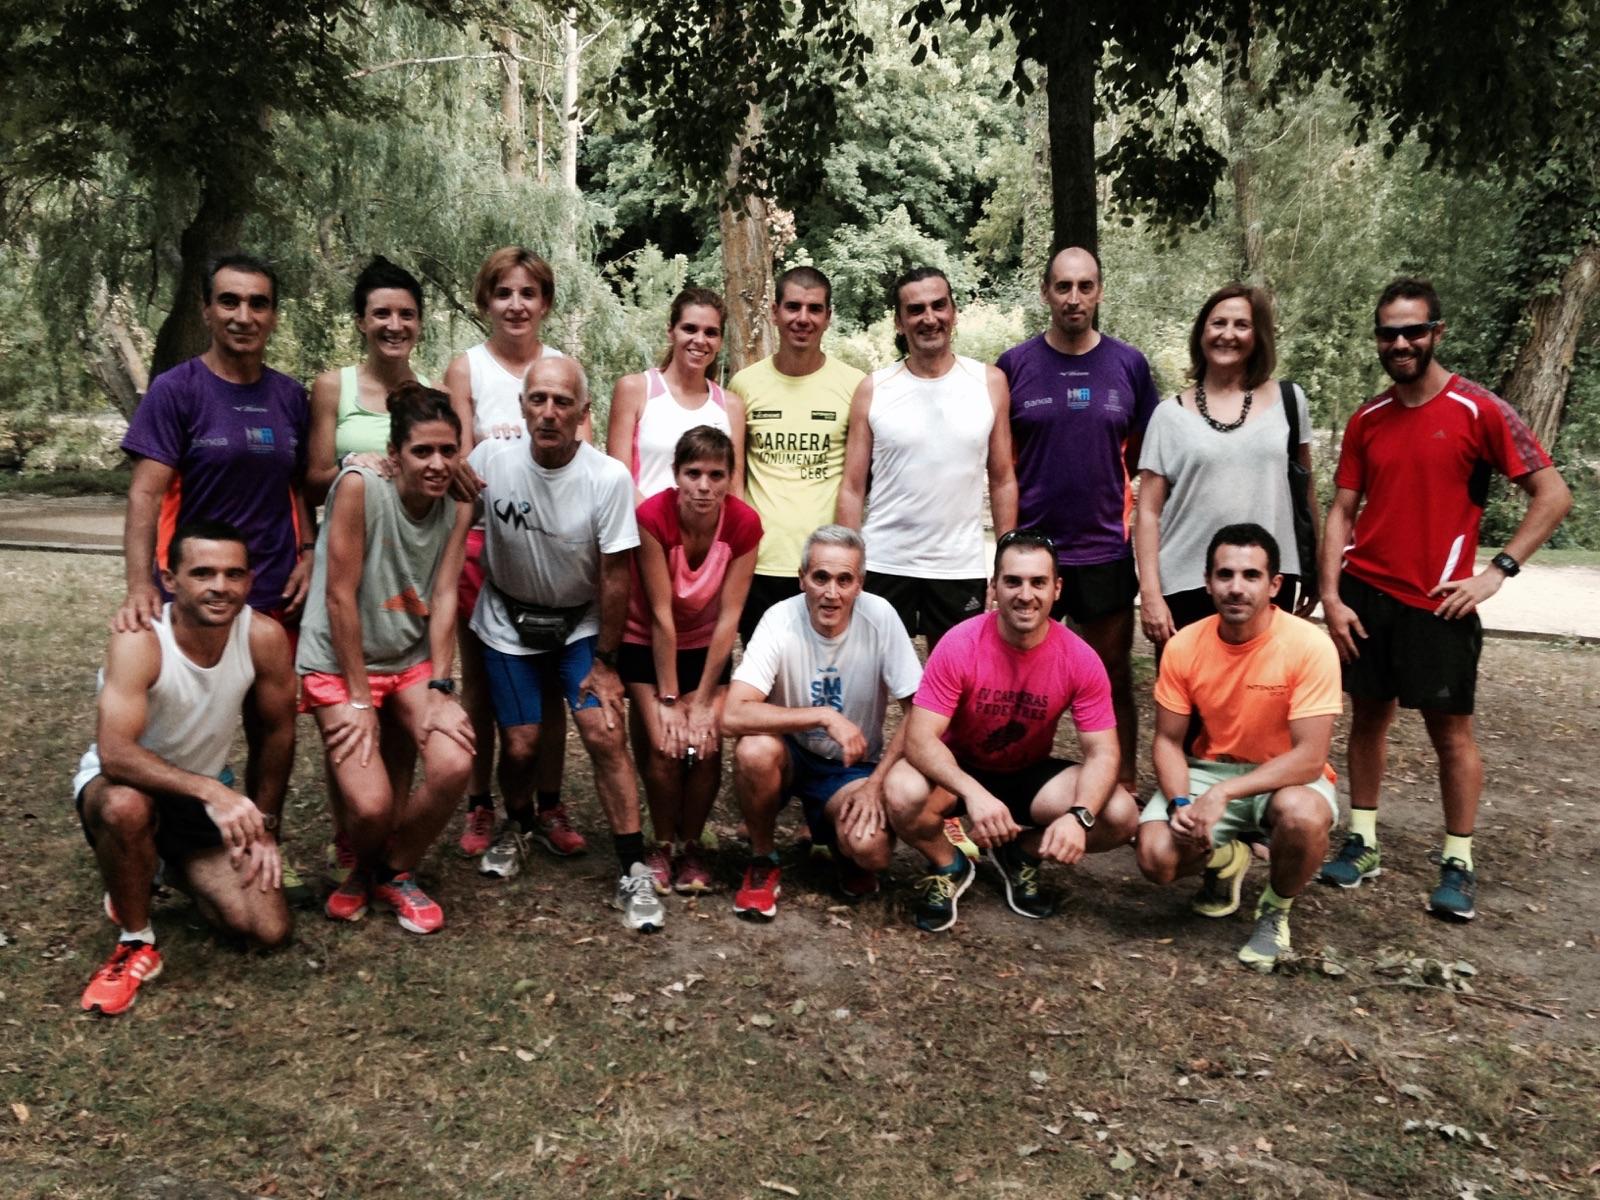 El IMD pone en marcha el proyecto Corre acompañado por Segovia